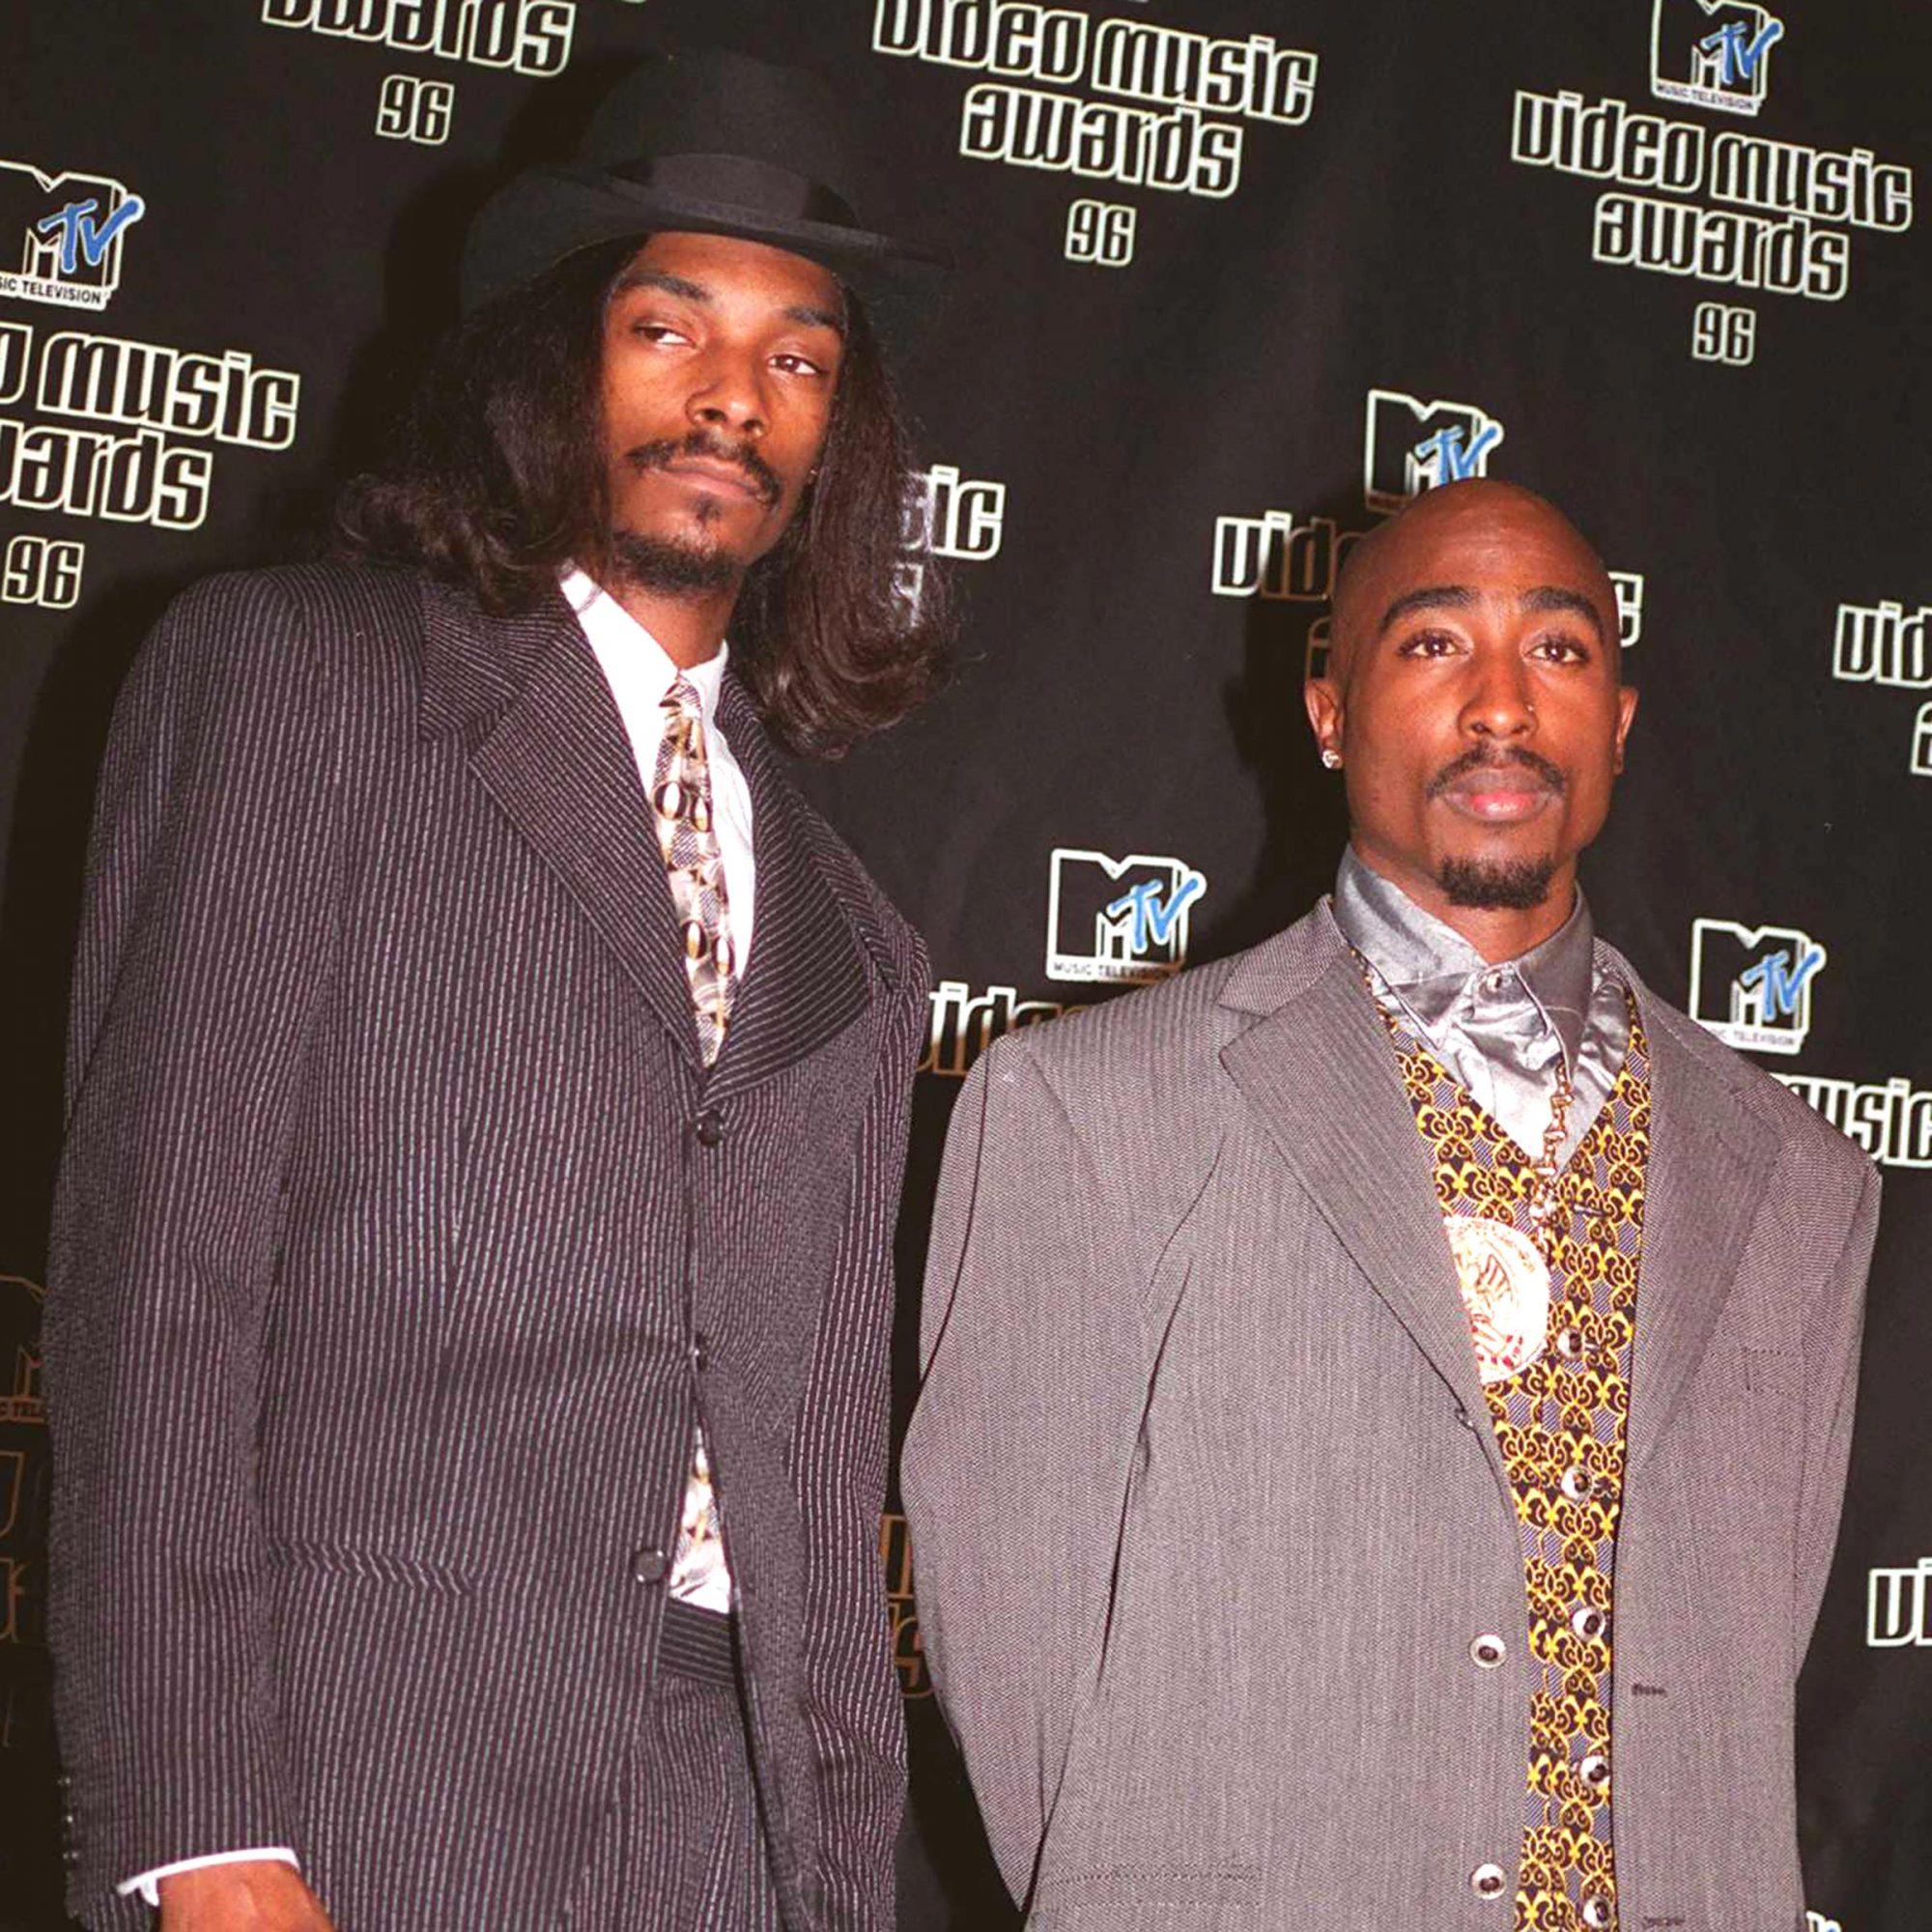 Snoop Doggy Dogg And Tupac Shakur At The 1996 MTV Music Awards